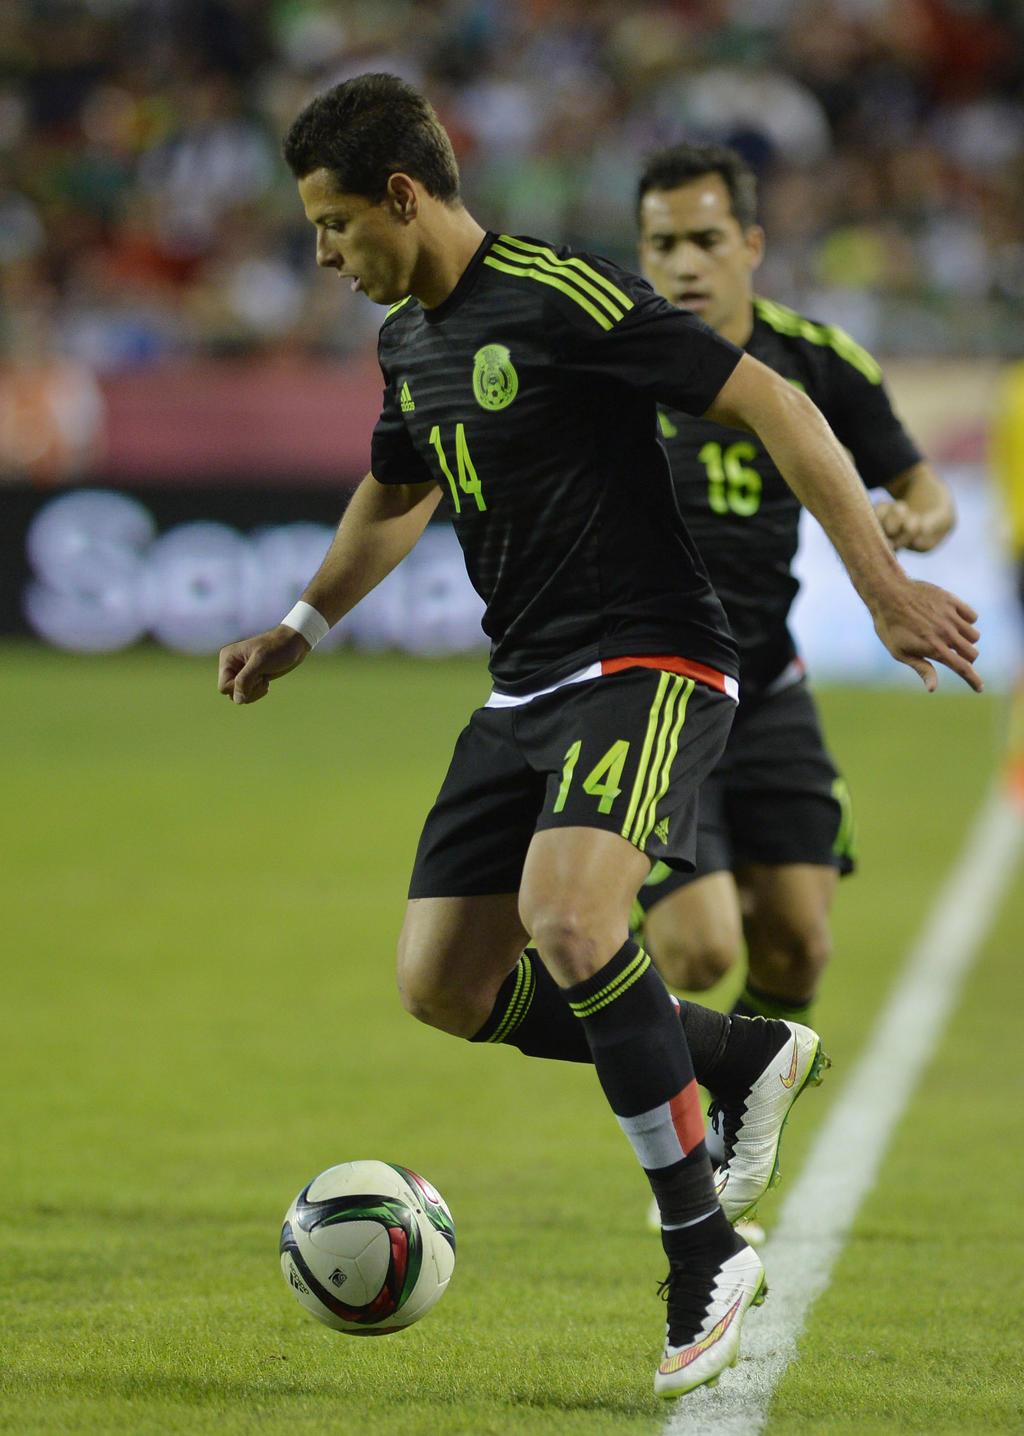 La selección mexicana de futbol utilizará la playera negra en el juego  amistoso que disputará contra el representativo de Brasil el próximo 7 de  junio 58f7b88769836